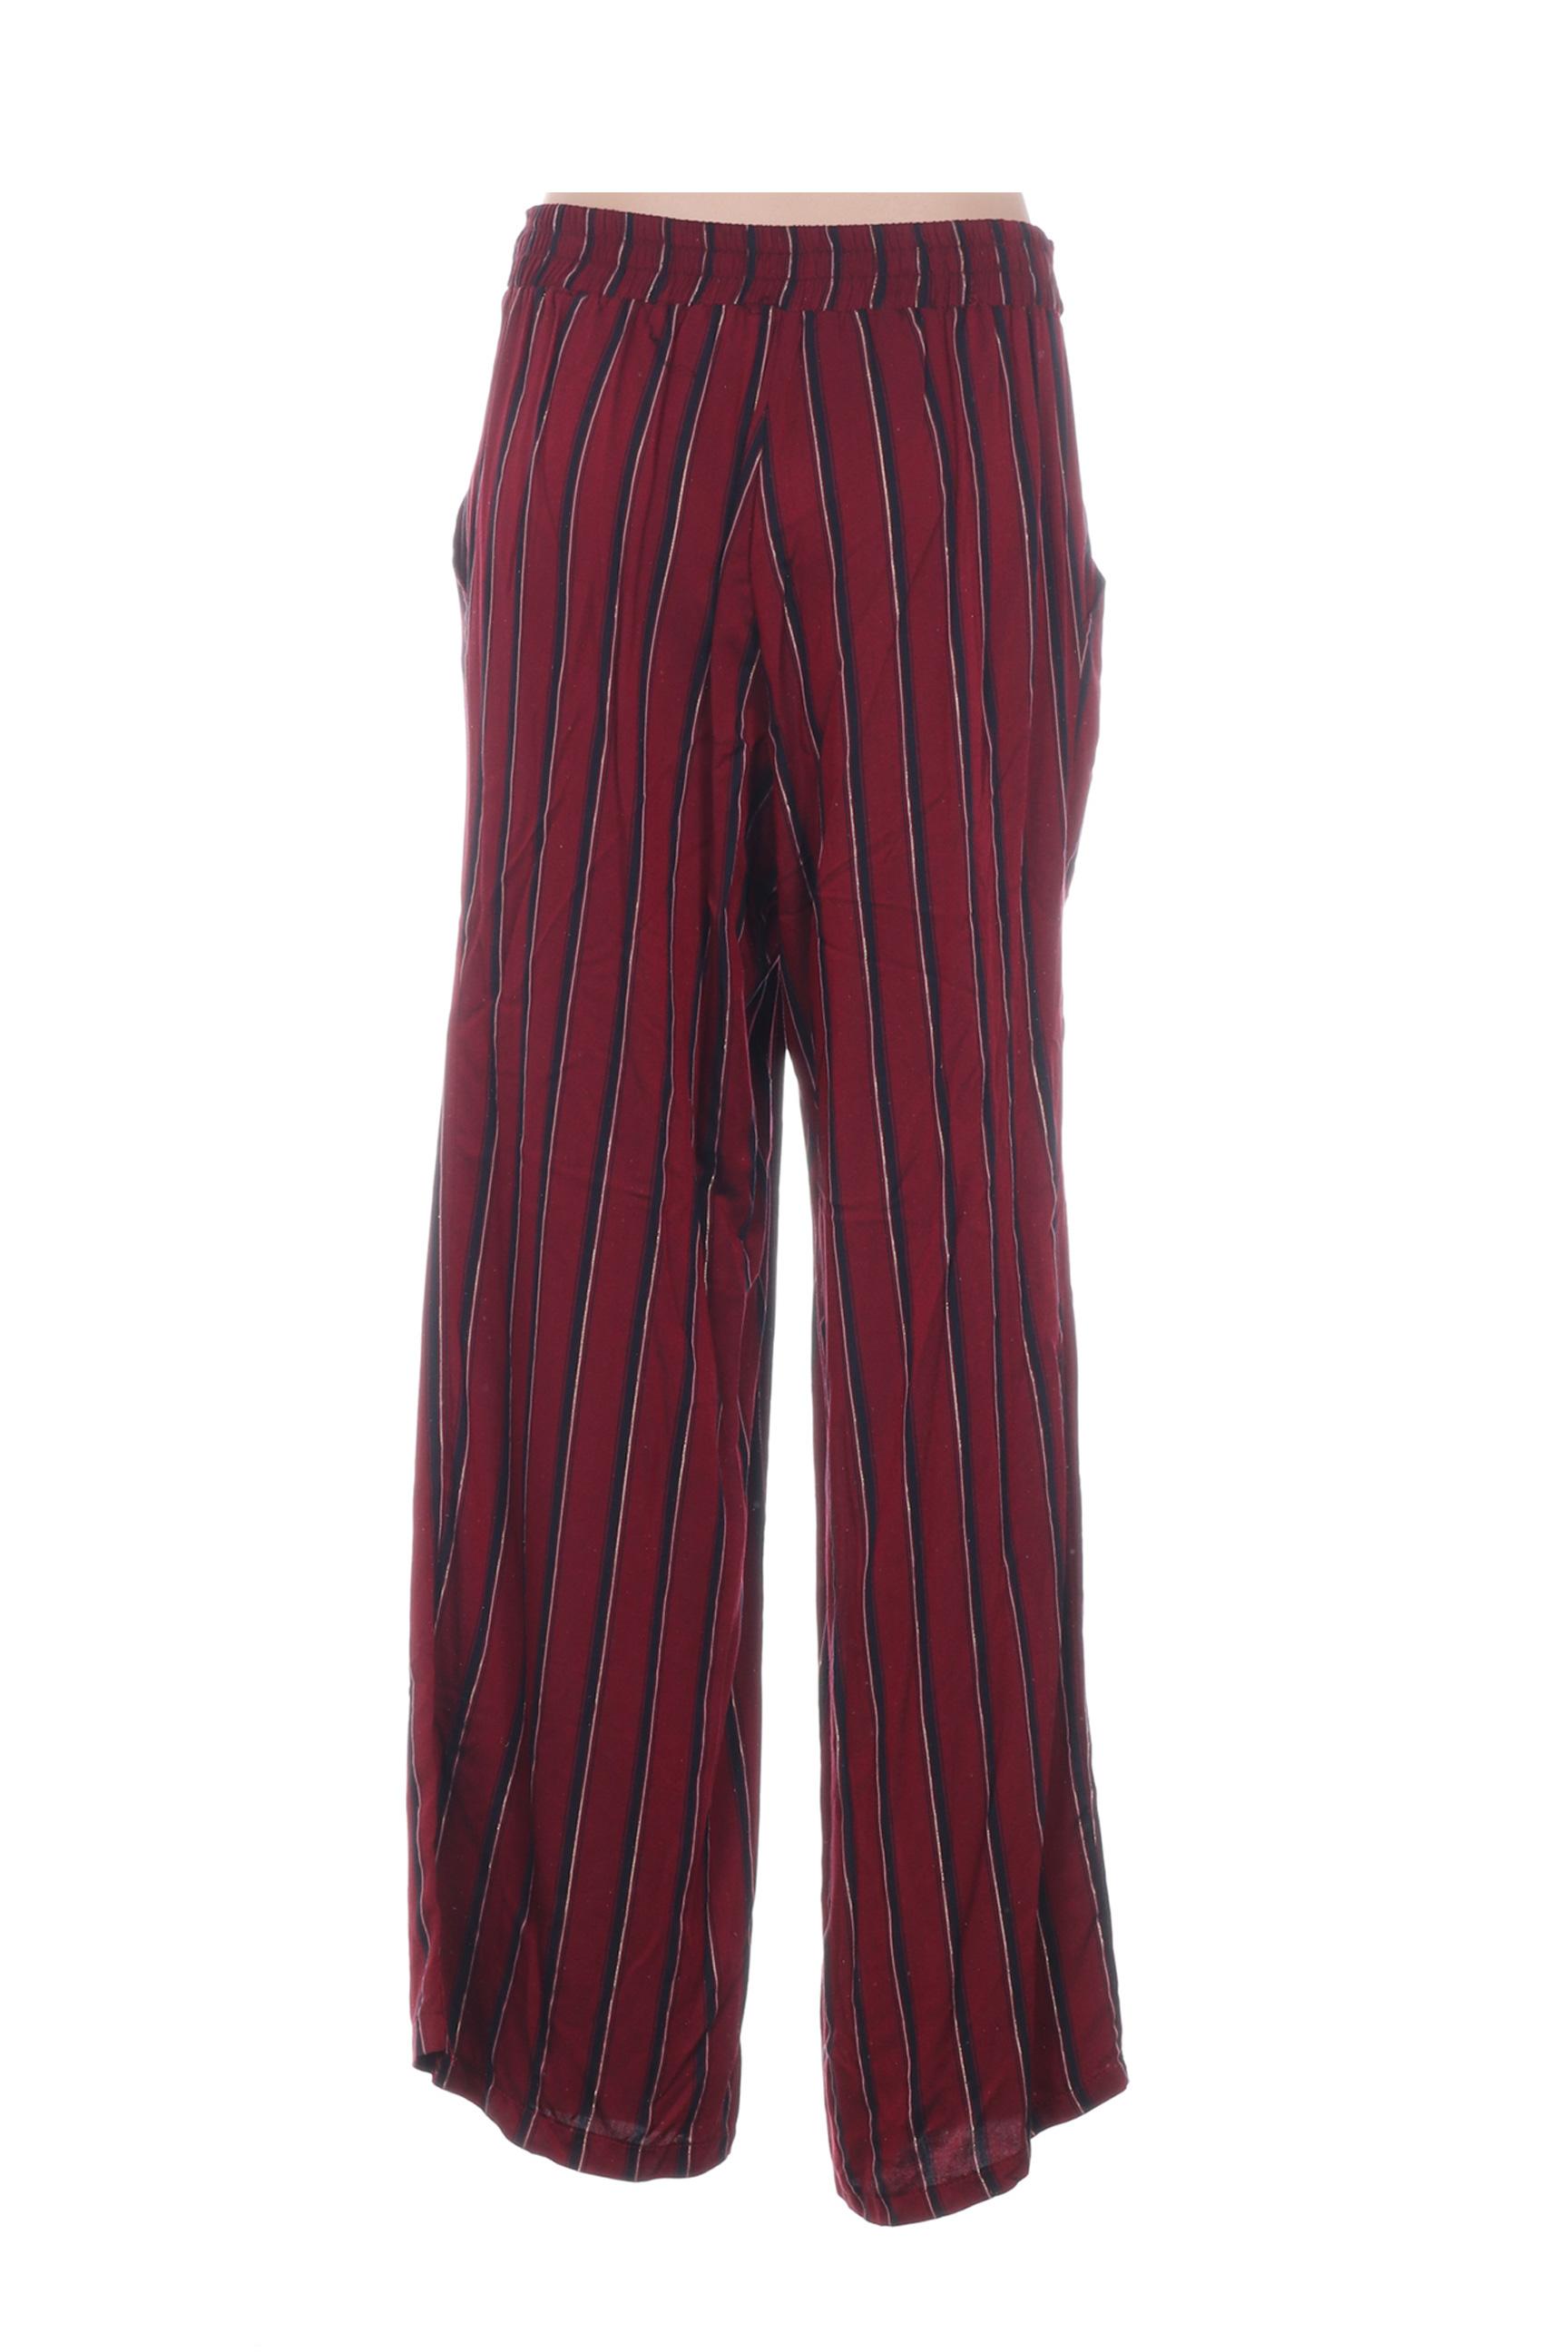 Show Girls Pantalons Decontractes Femme De Couleur Rouge En Soldes Pas Cher 1277824-rouge0